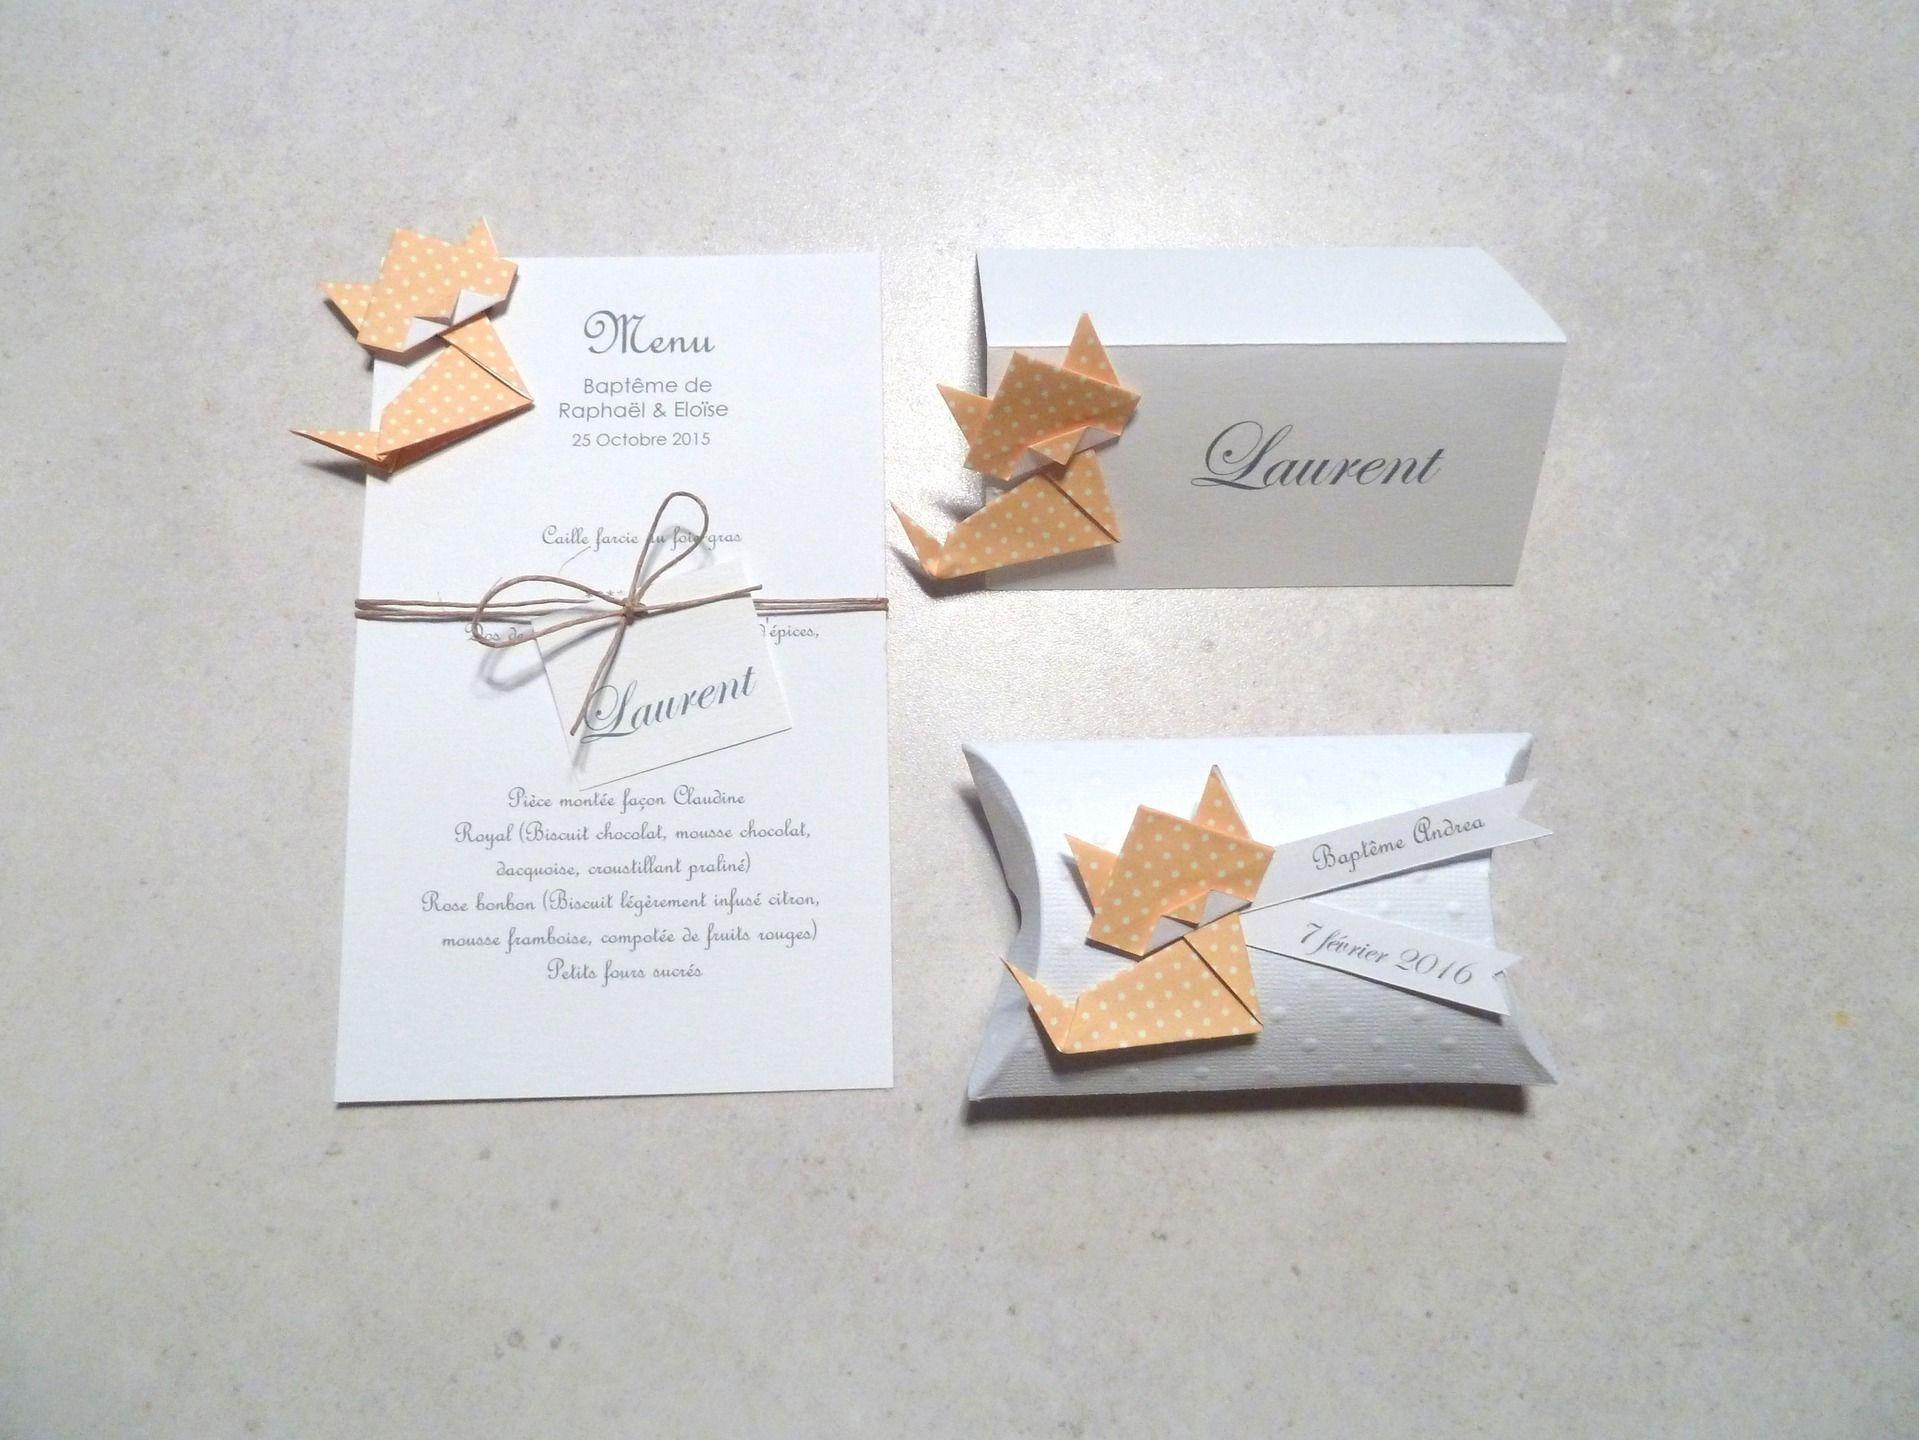 bo te drag es coussin chat en origami papier jaune pois cadeau de remerciement invit s. Black Bedroom Furniture Sets. Home Design Ideas